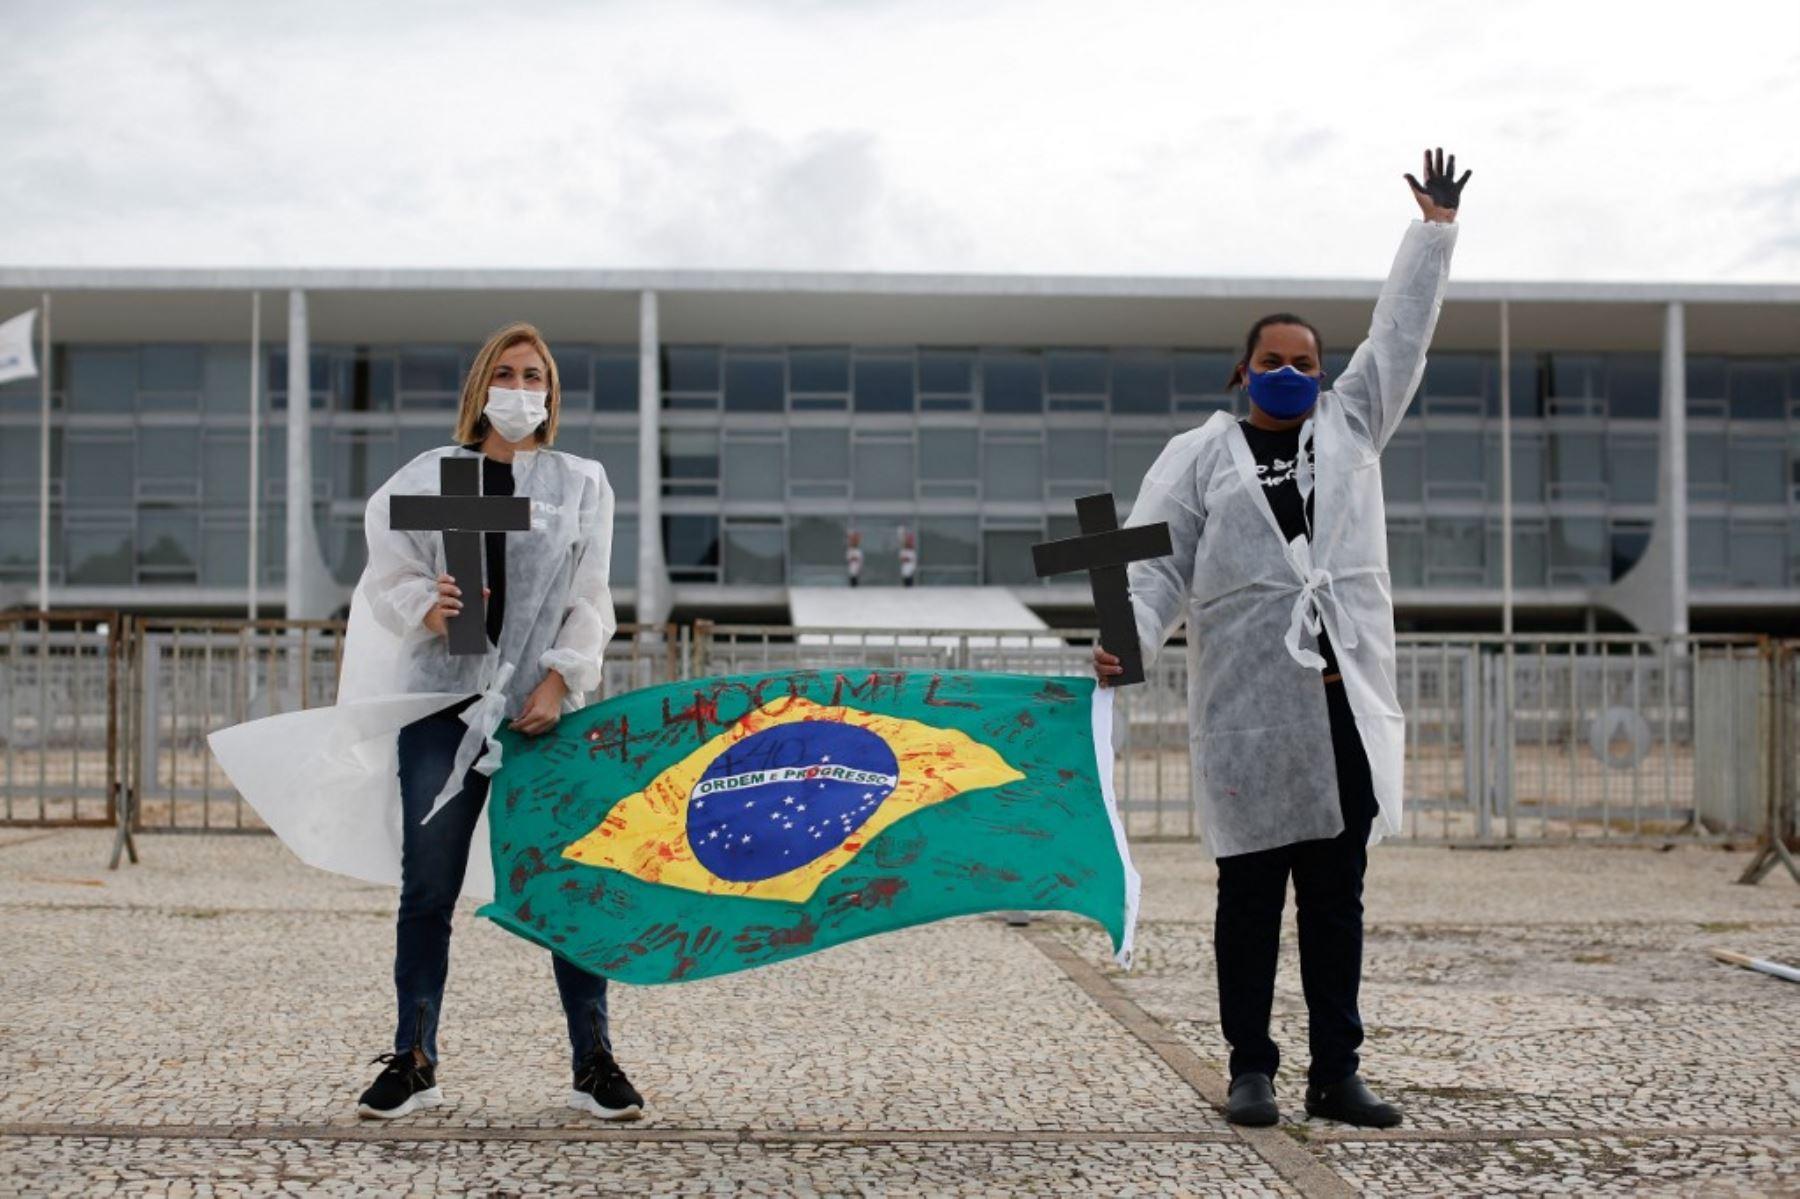 Enfermeras protestan contra el presidente brasileño Jair Bolsonaro y rinden homenaje a los trabajadores de la salud que murieron por complicaciones del nuevo coronavirus covid-19, durante una manifestación frente al Palacio Planalto, en Brasilia. Foto: AFP